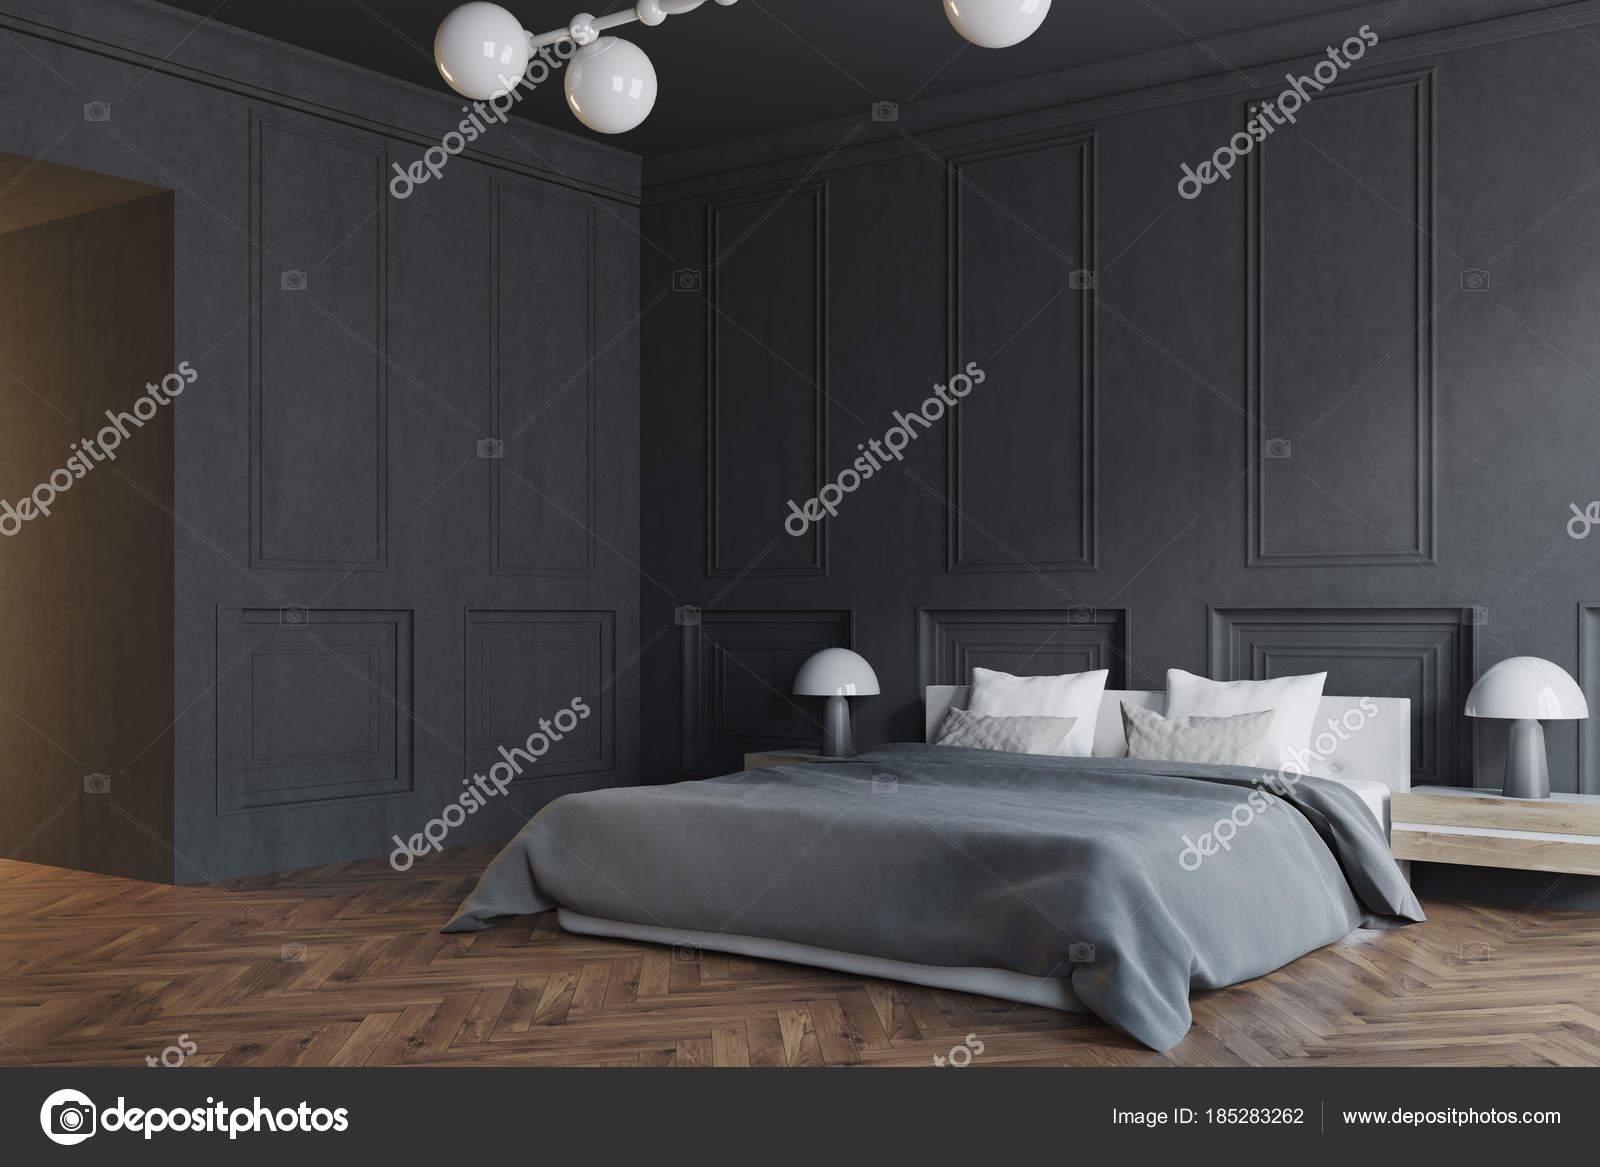 Slaapkamer Zwarte Muren : Stijlvolle slaapkamer interieur zwarte kant u2014 stockfoto